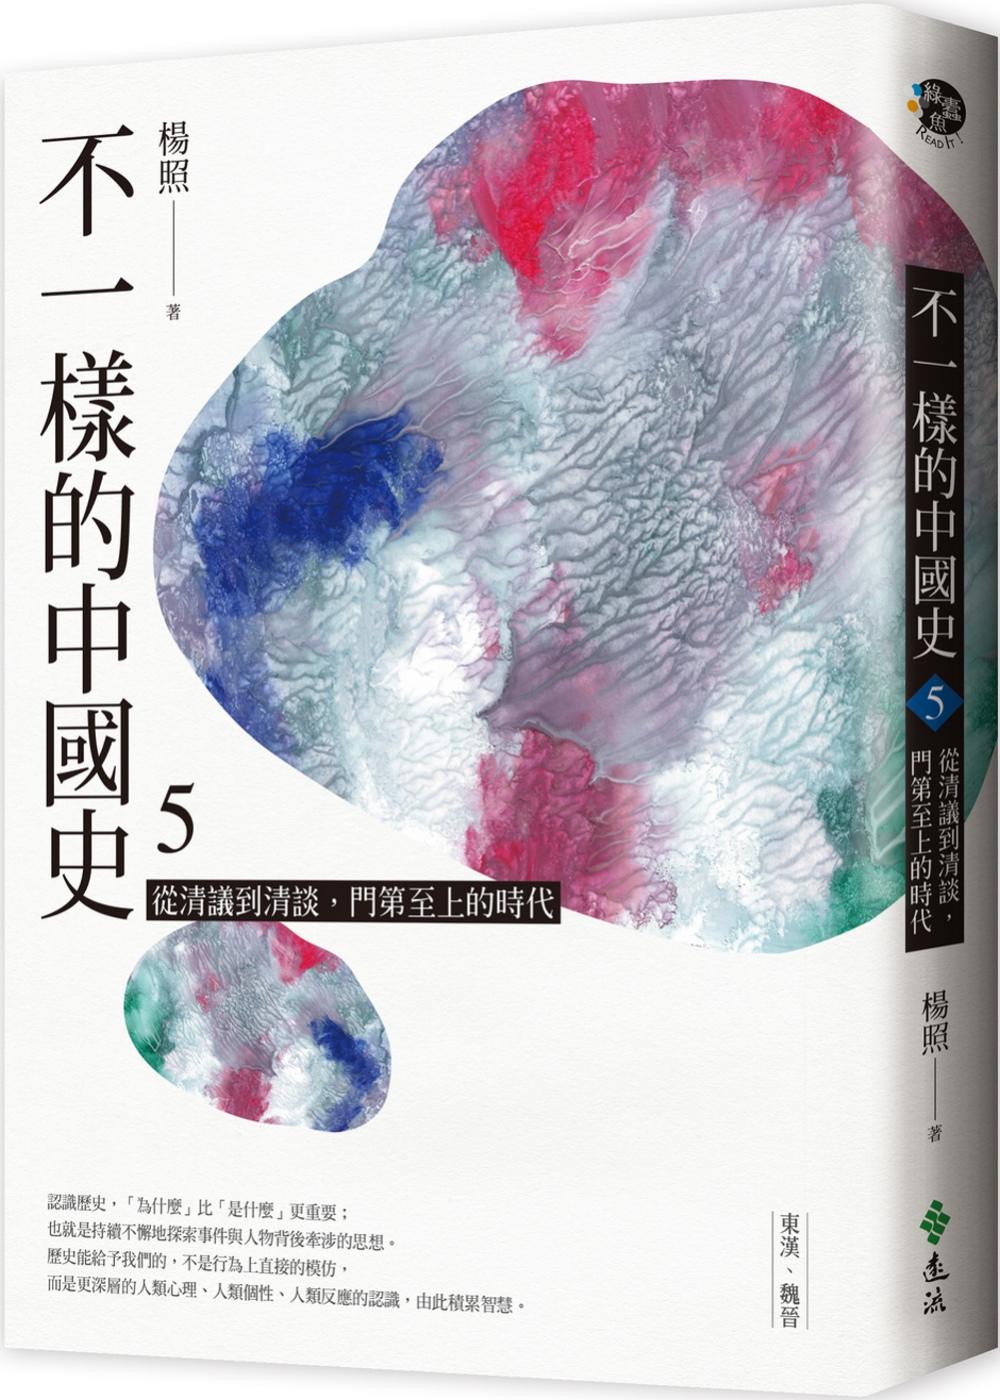 不一樣的中國史5:從清議到清談,門第至上的時代──東漢、魏晉